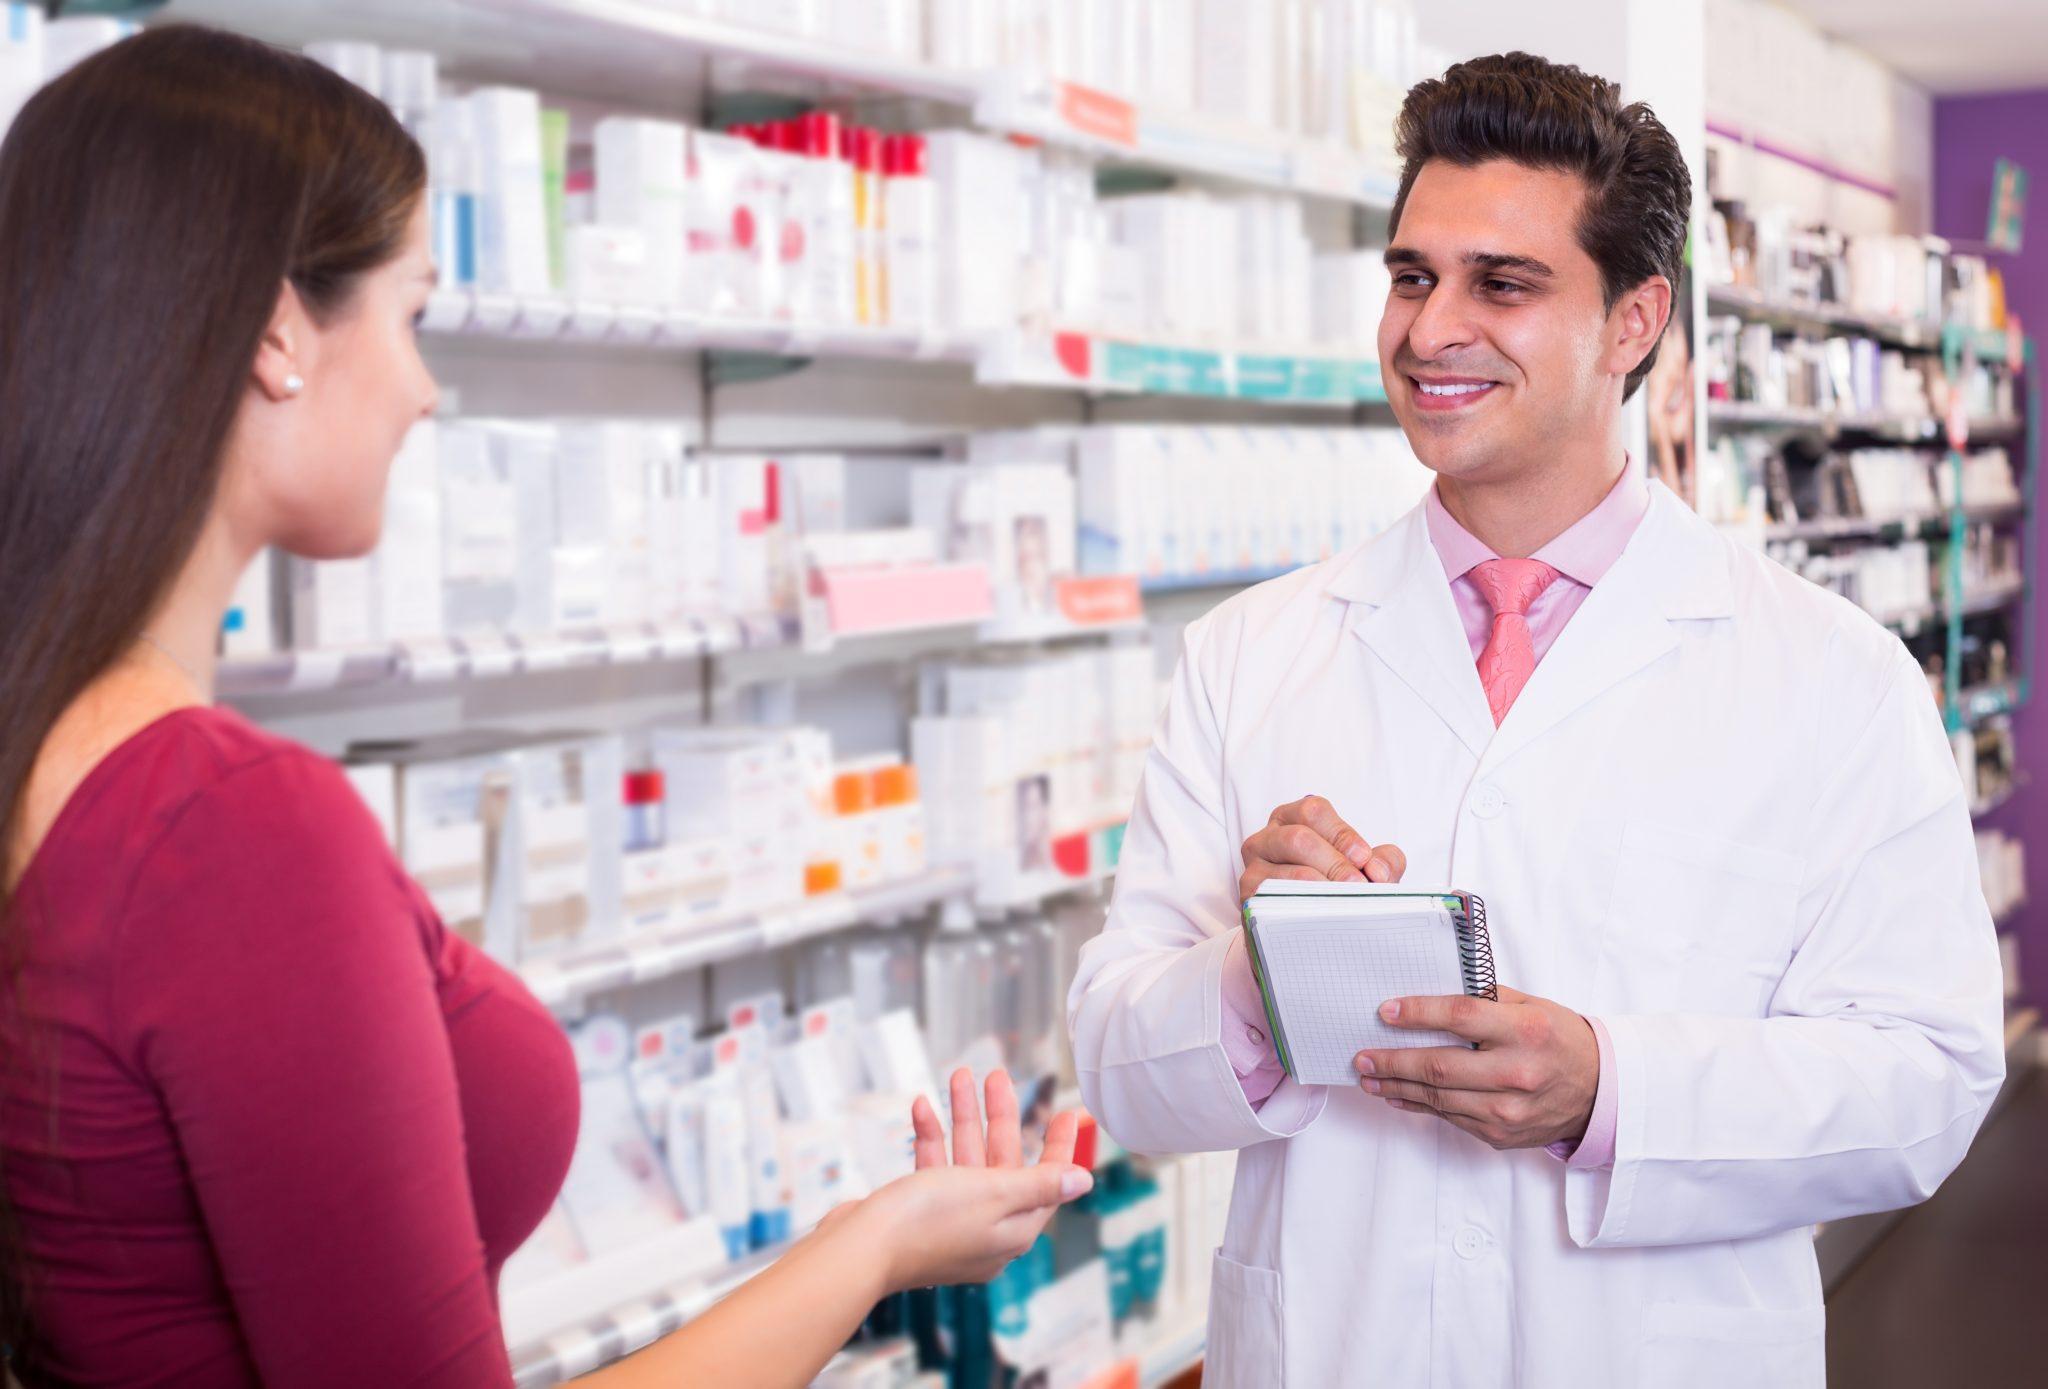 Centrum Pharmacy - Professional pharmaceutist in drugstore helping girl